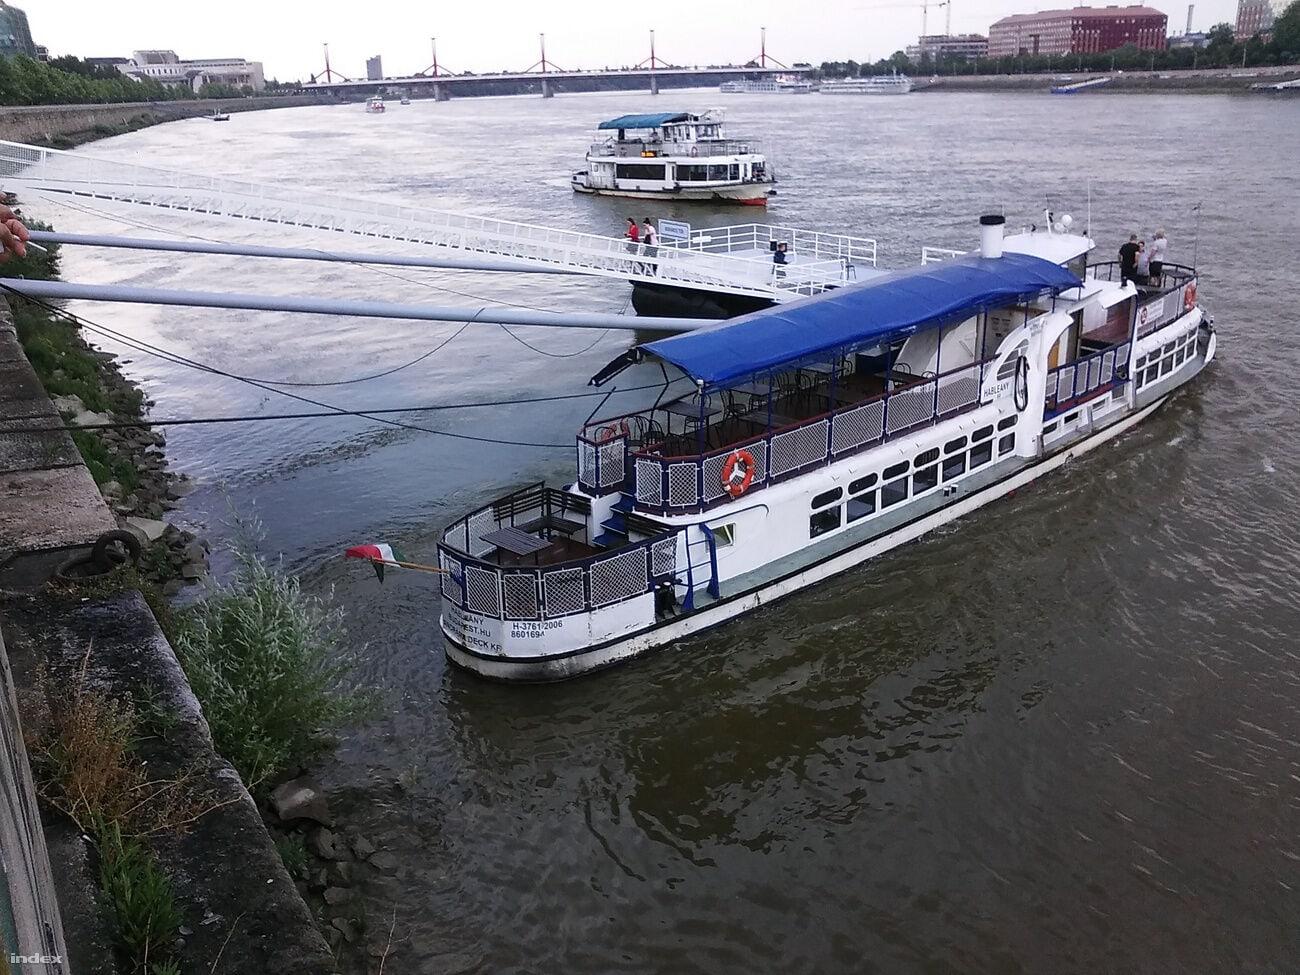 elsüllyedt hajó budapesten hableány hajó